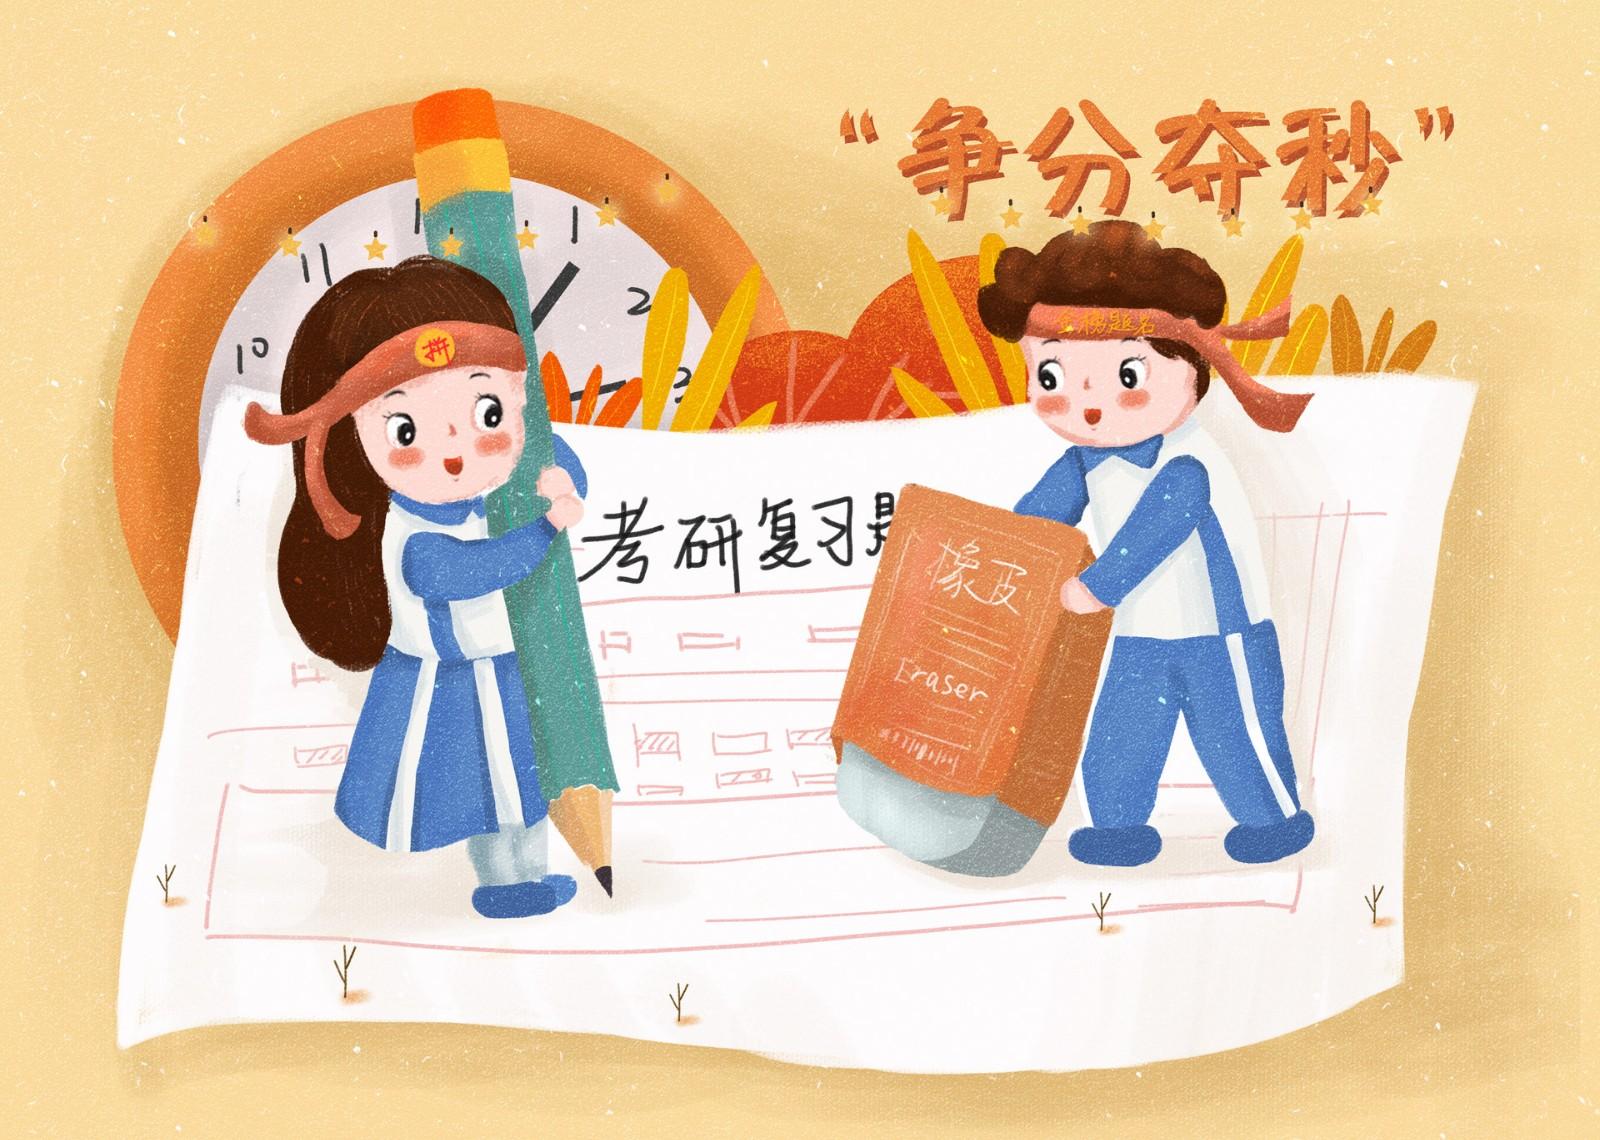 北京大学在职研究生报名入口在哪里?